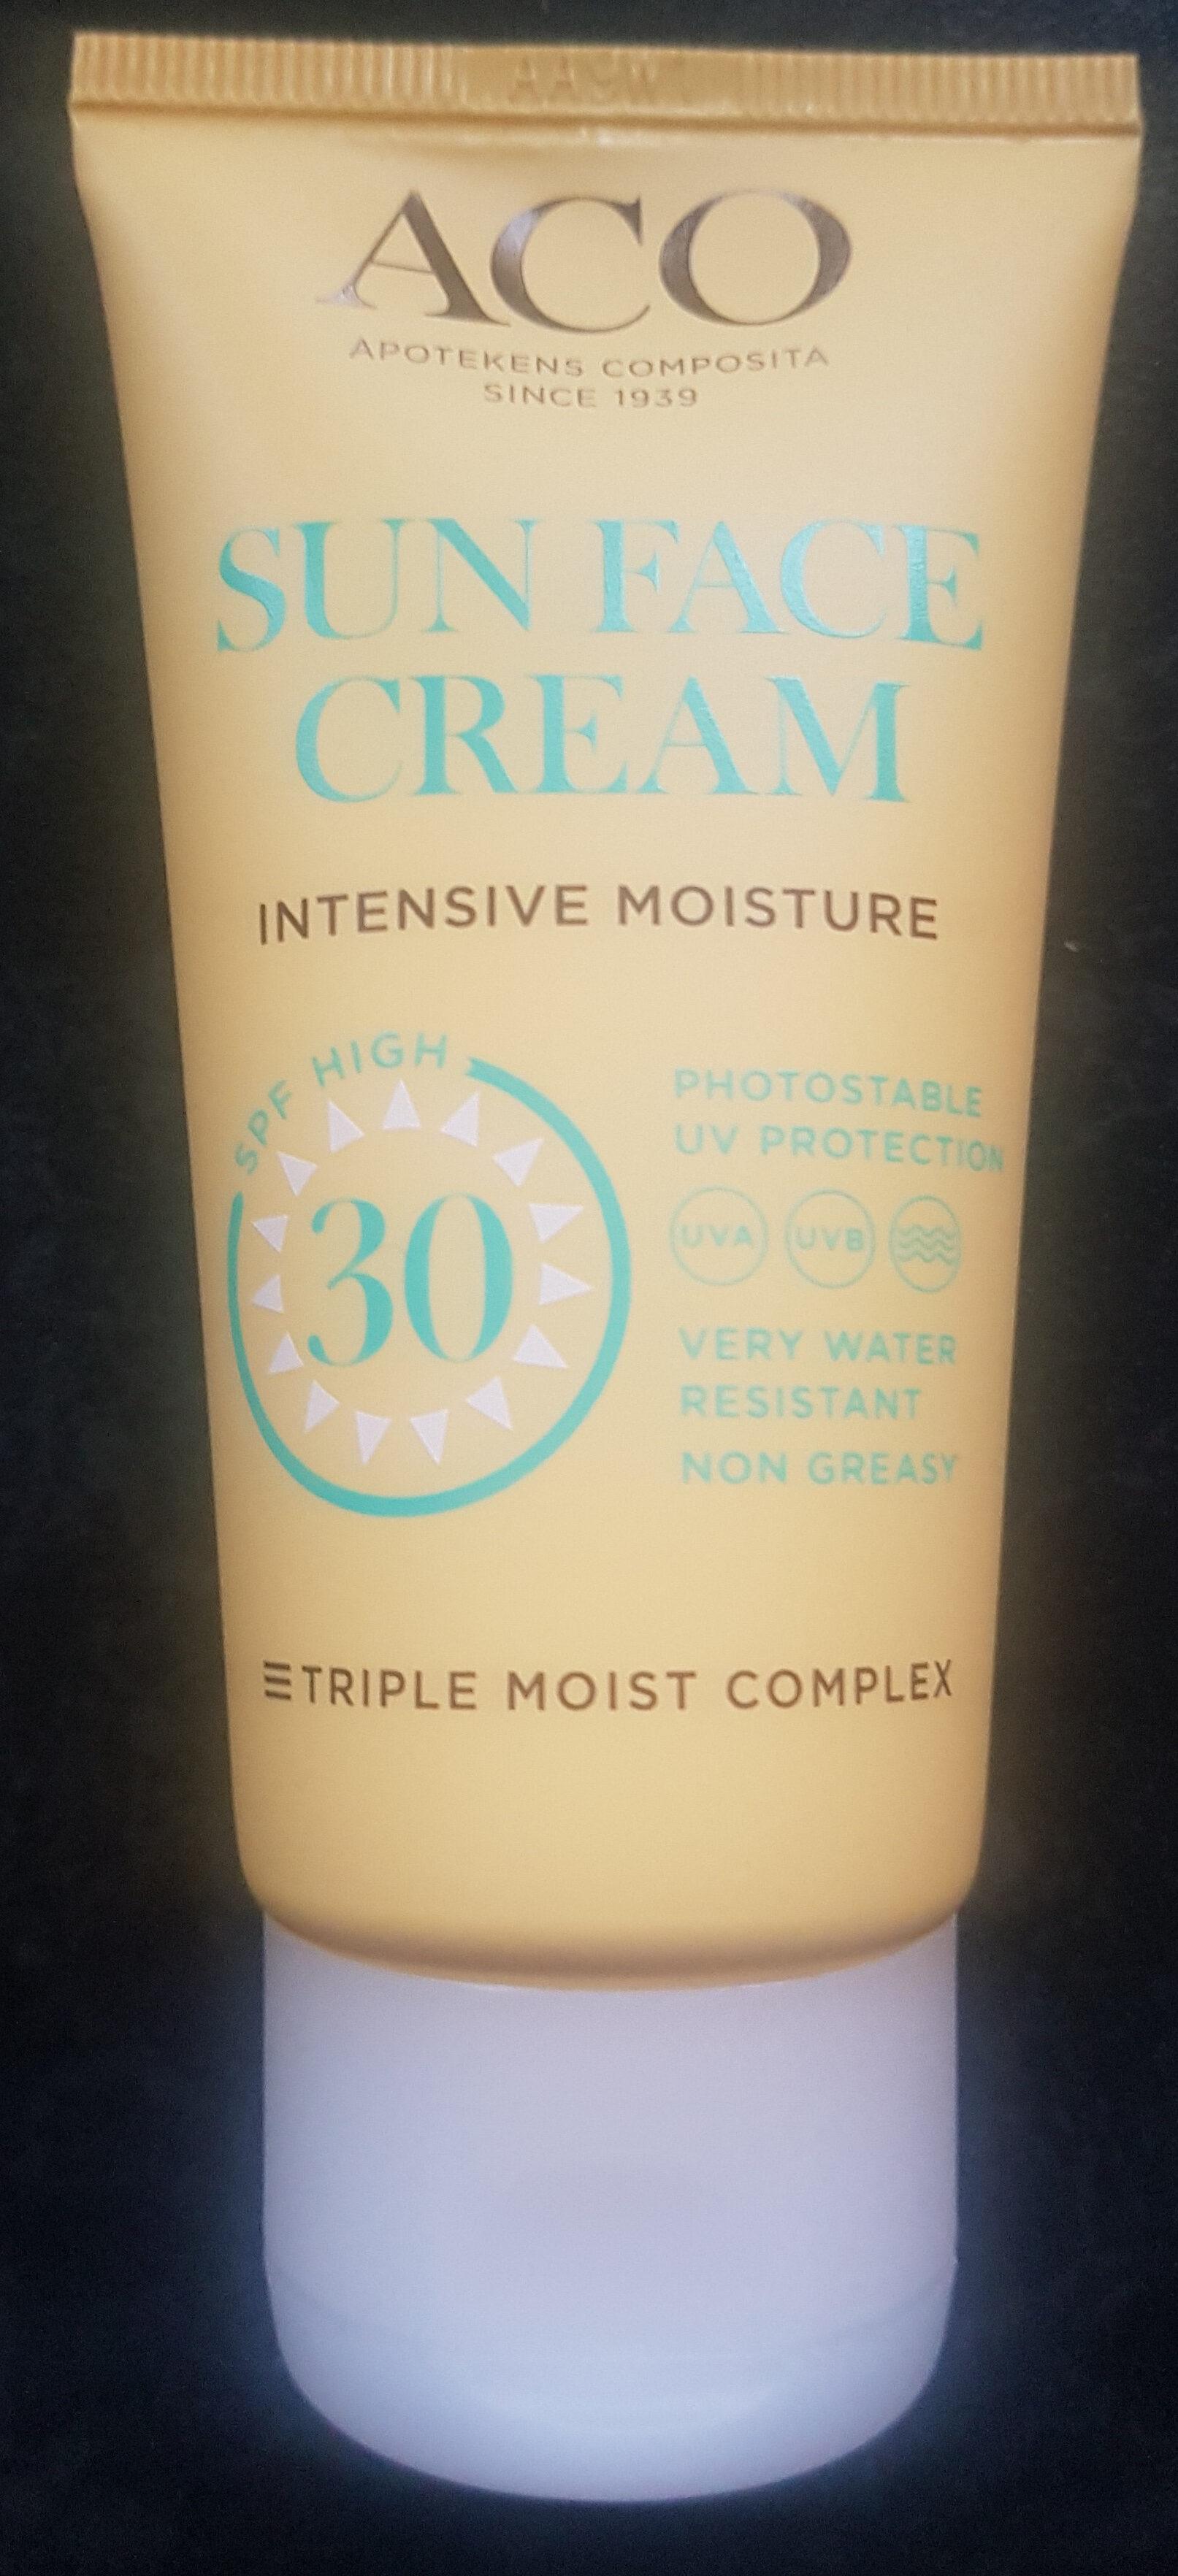 Sun face cream - Product - sv